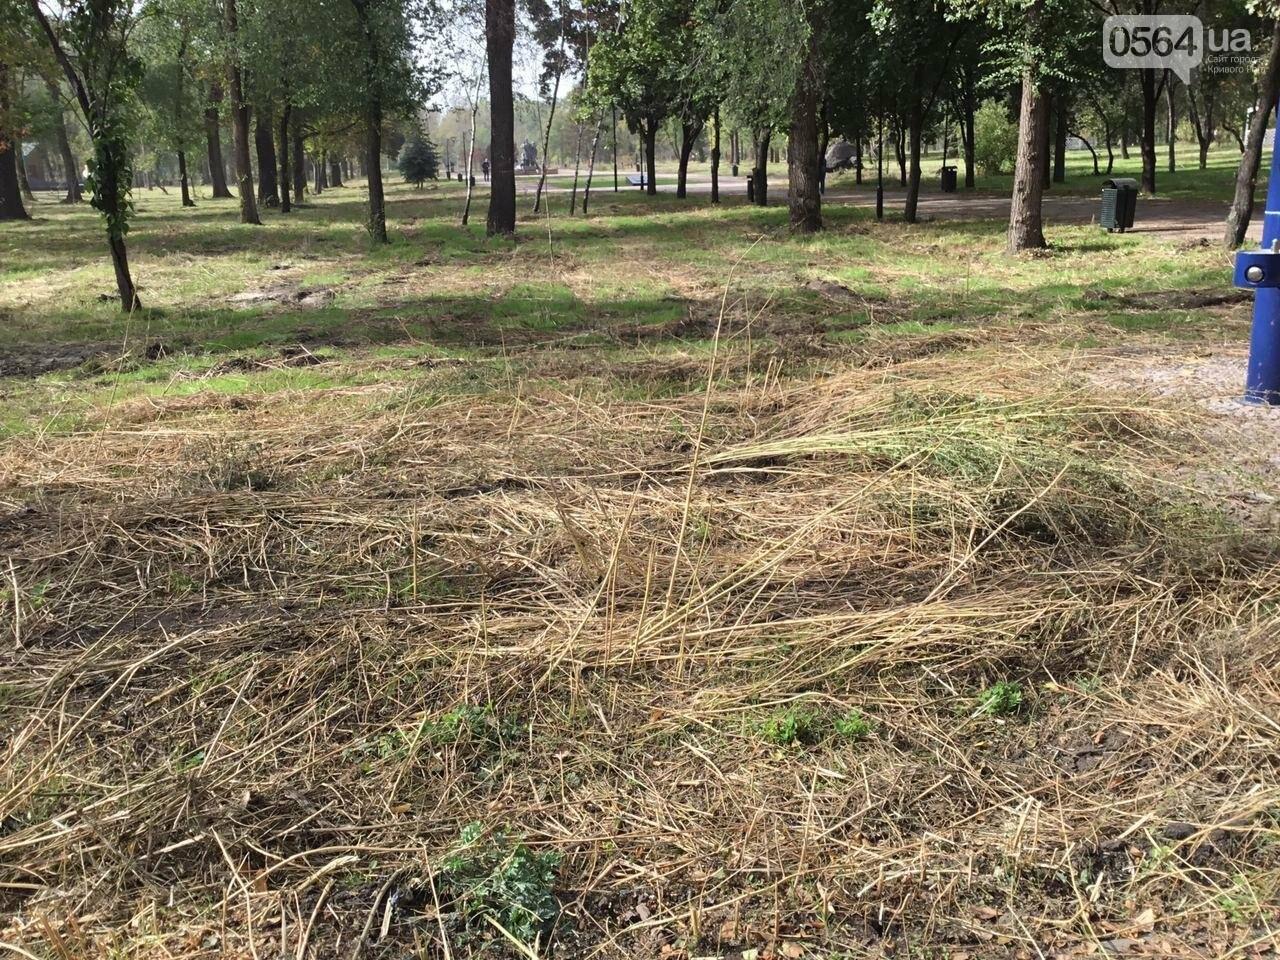 В Гданцевском парке наводят порядок. Как выглядит парк после покоса амброзии, - ФОТО, ВИДЕО, фото-42